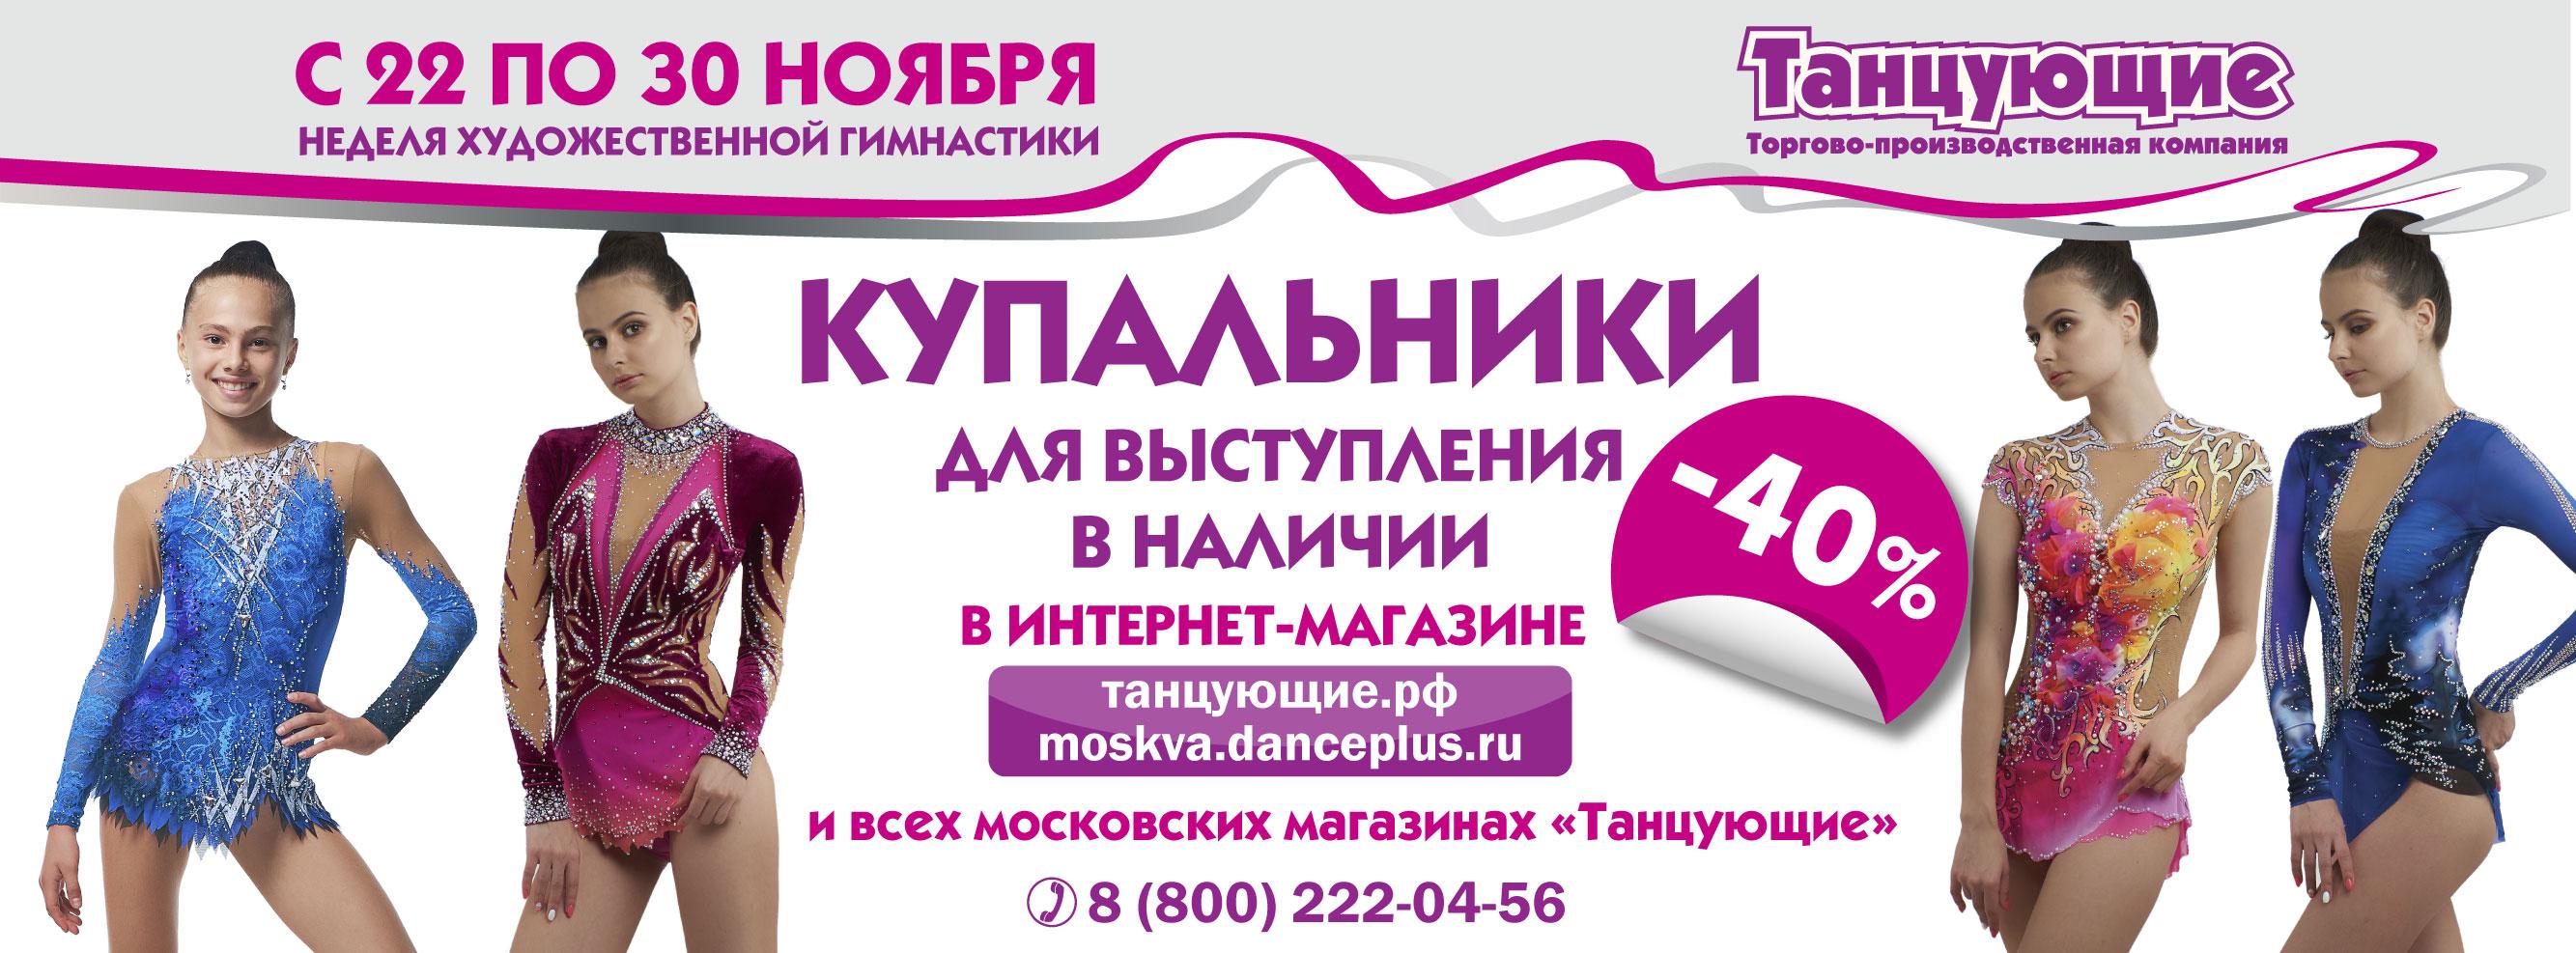 С 22 по 30 ноября на все купальники для выступлений в наличии «Танцующие» дарят скидку – 40% в нашем интернет-магазине и во всех розничных магазинах «Танцующие» в Москве и Московской области.